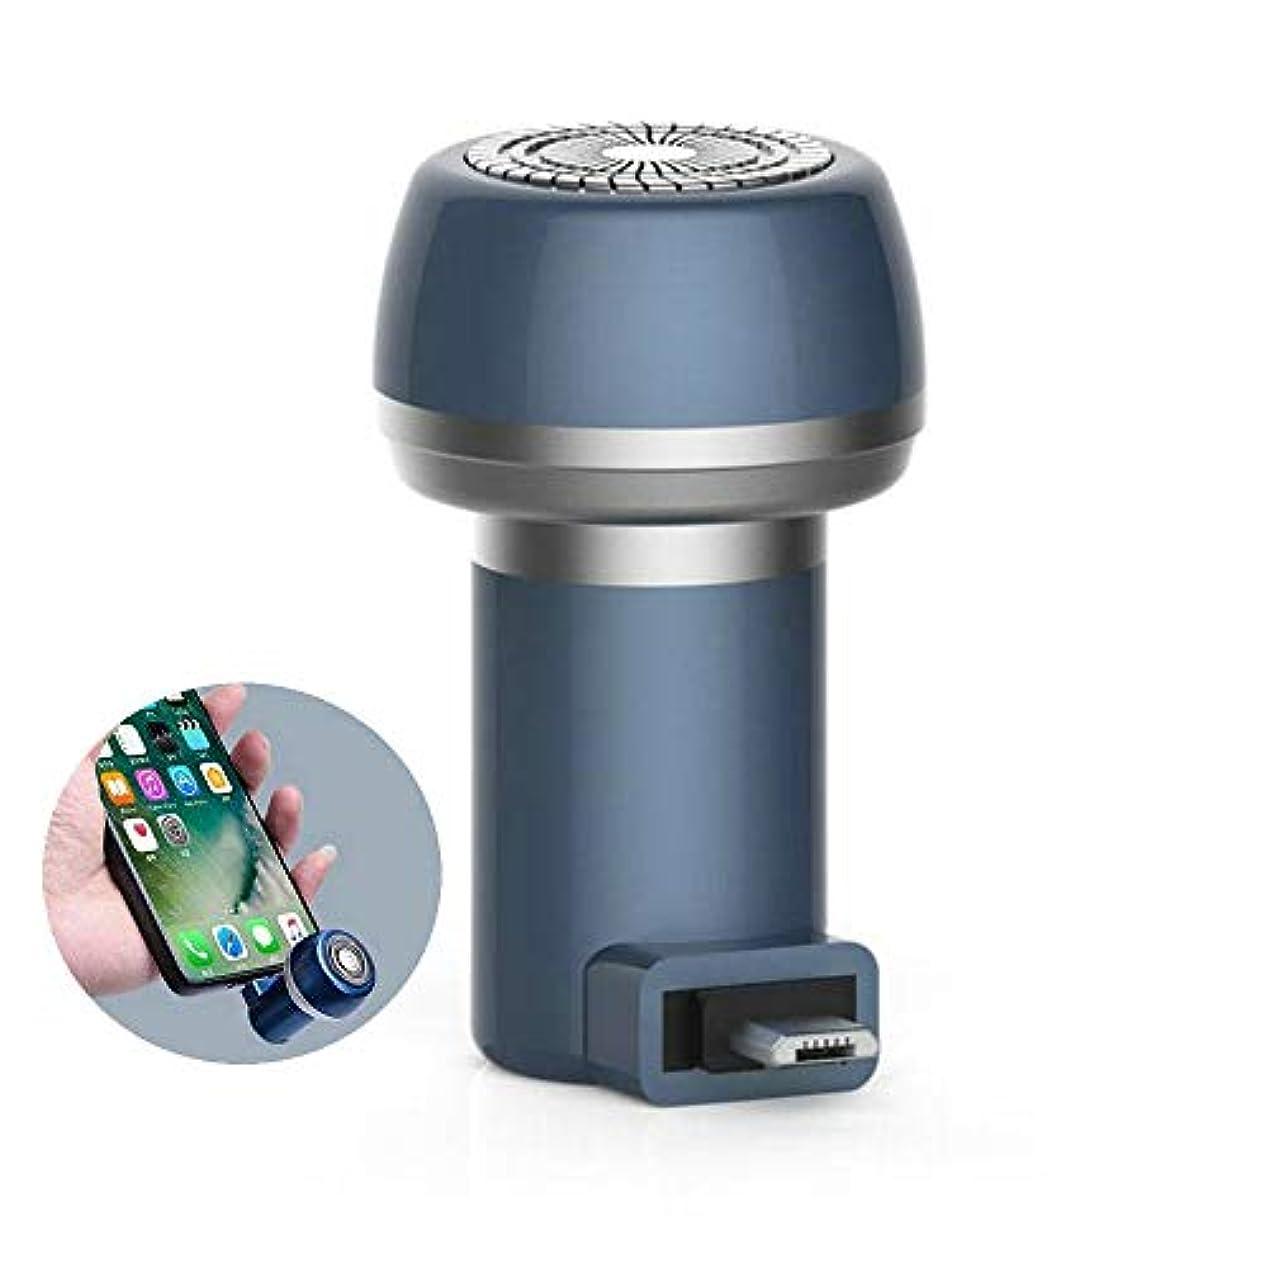 適合する相手折り目XAHWL ミニ シェーバー 携帯電話 Micro/Type-c/USB+Micro 脱毛器